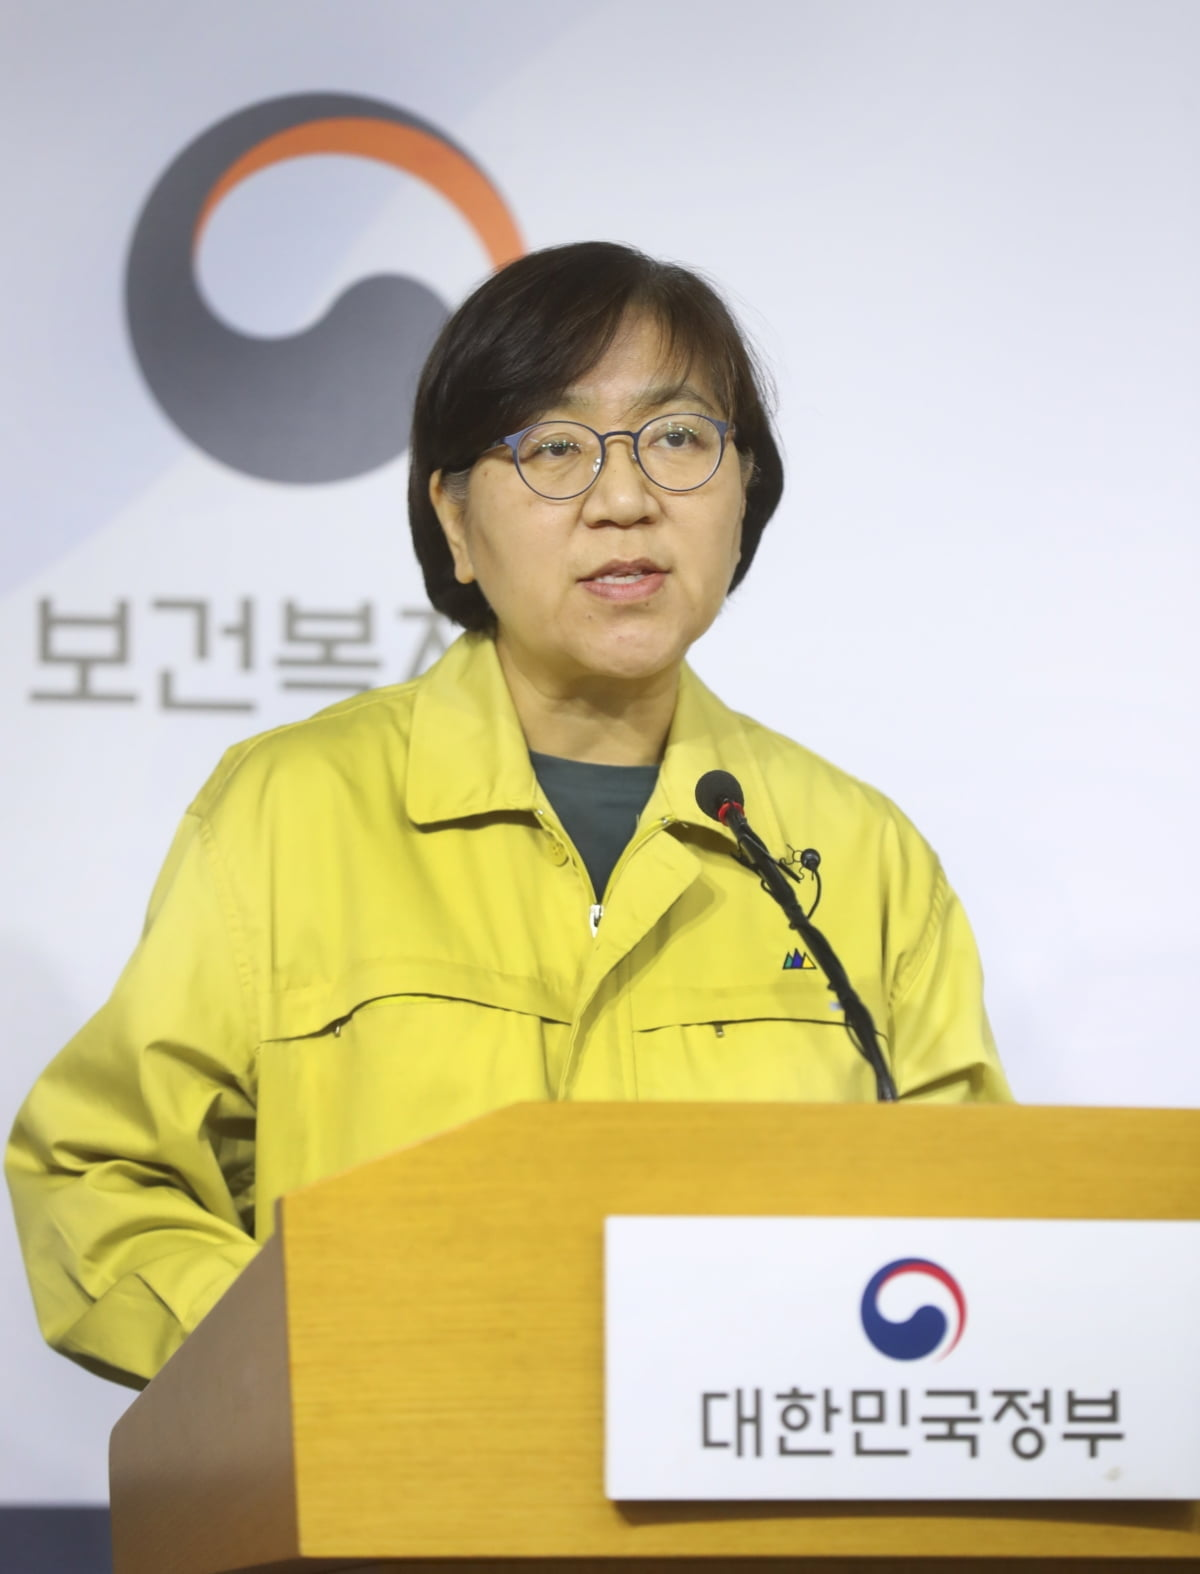 정부, 일본·태국 등 동남아 6개국 여행 최소화 권고